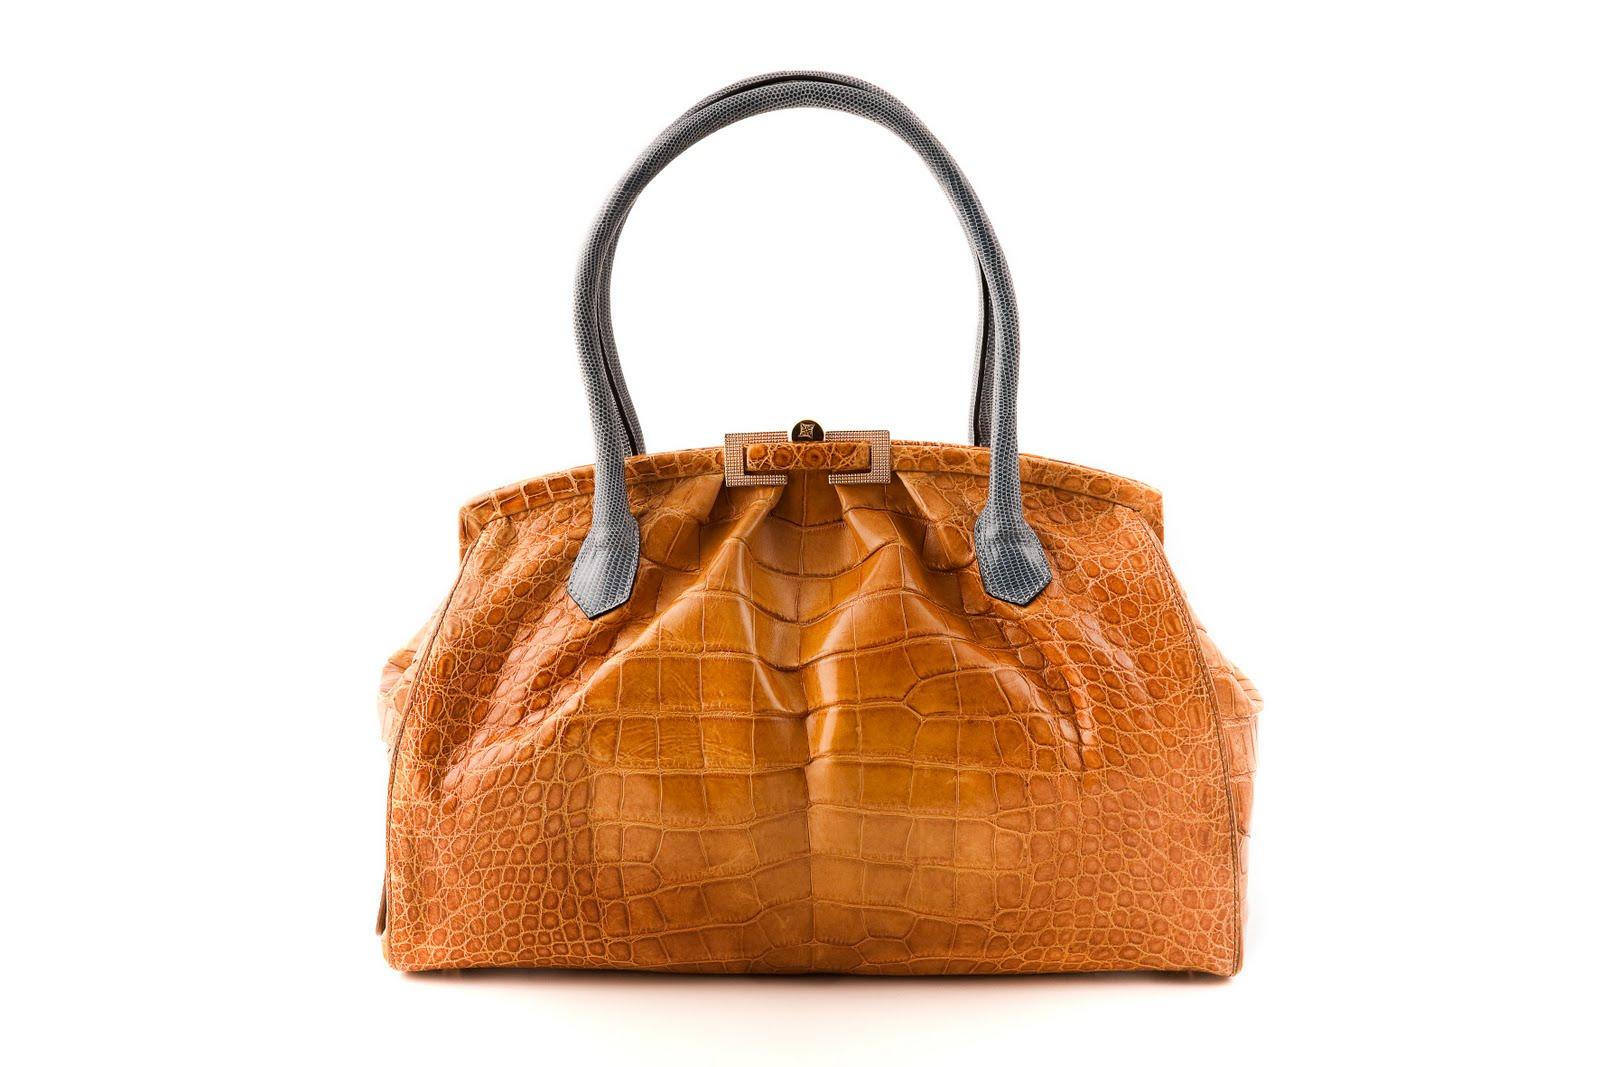 http://2.bp.blogspot.com/-zRThg_c5kEU/TlOB543IcxI/AAAAAAAABMU/ht-hWdXSI9Y/s1600/Analeena+Umbrella+bag+2.jpg